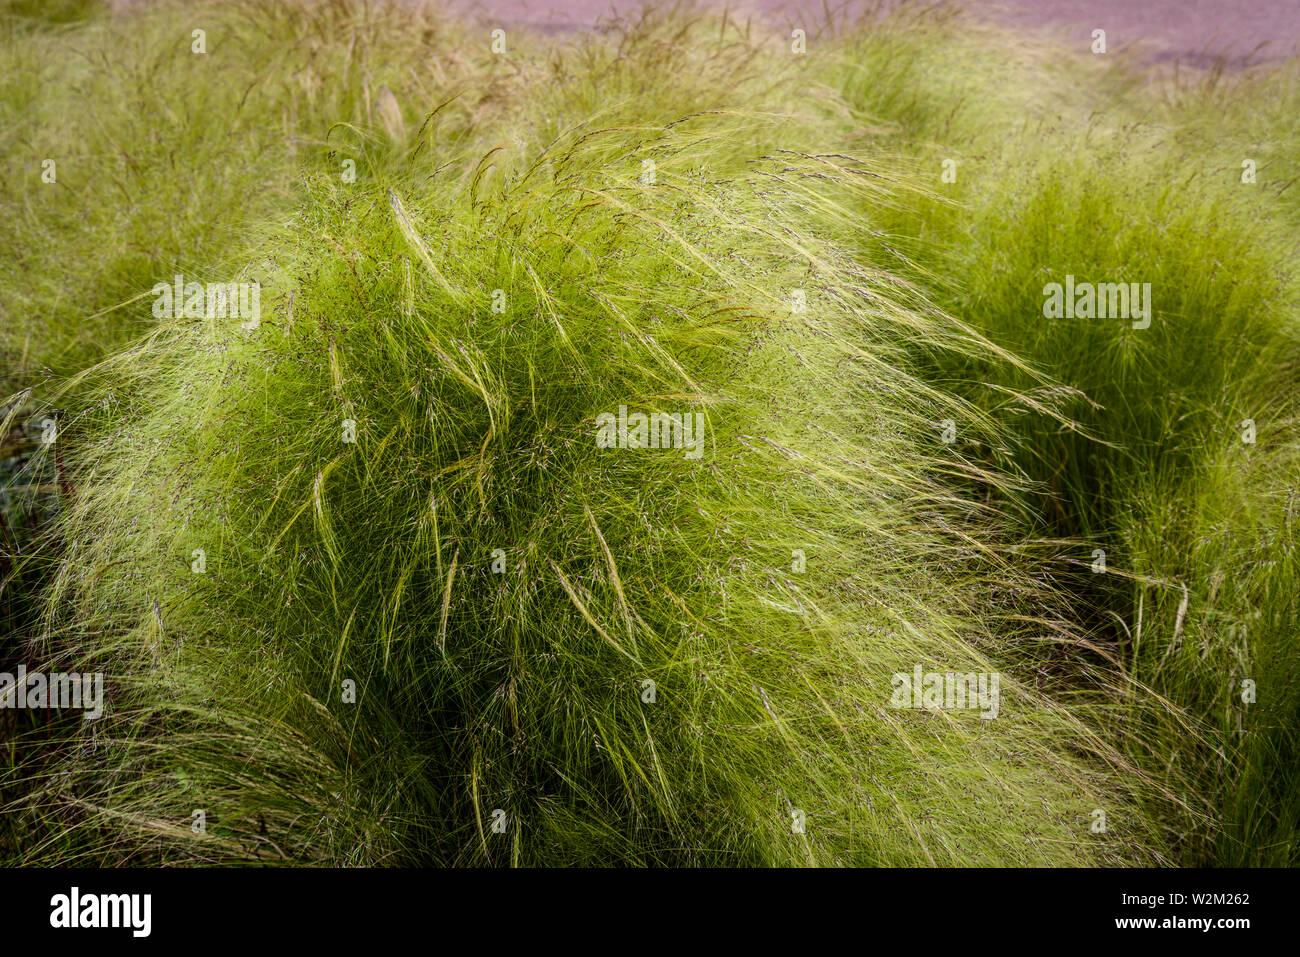 Ornamental Grasses Parc De La Tete D Or Or Park Of The Golden